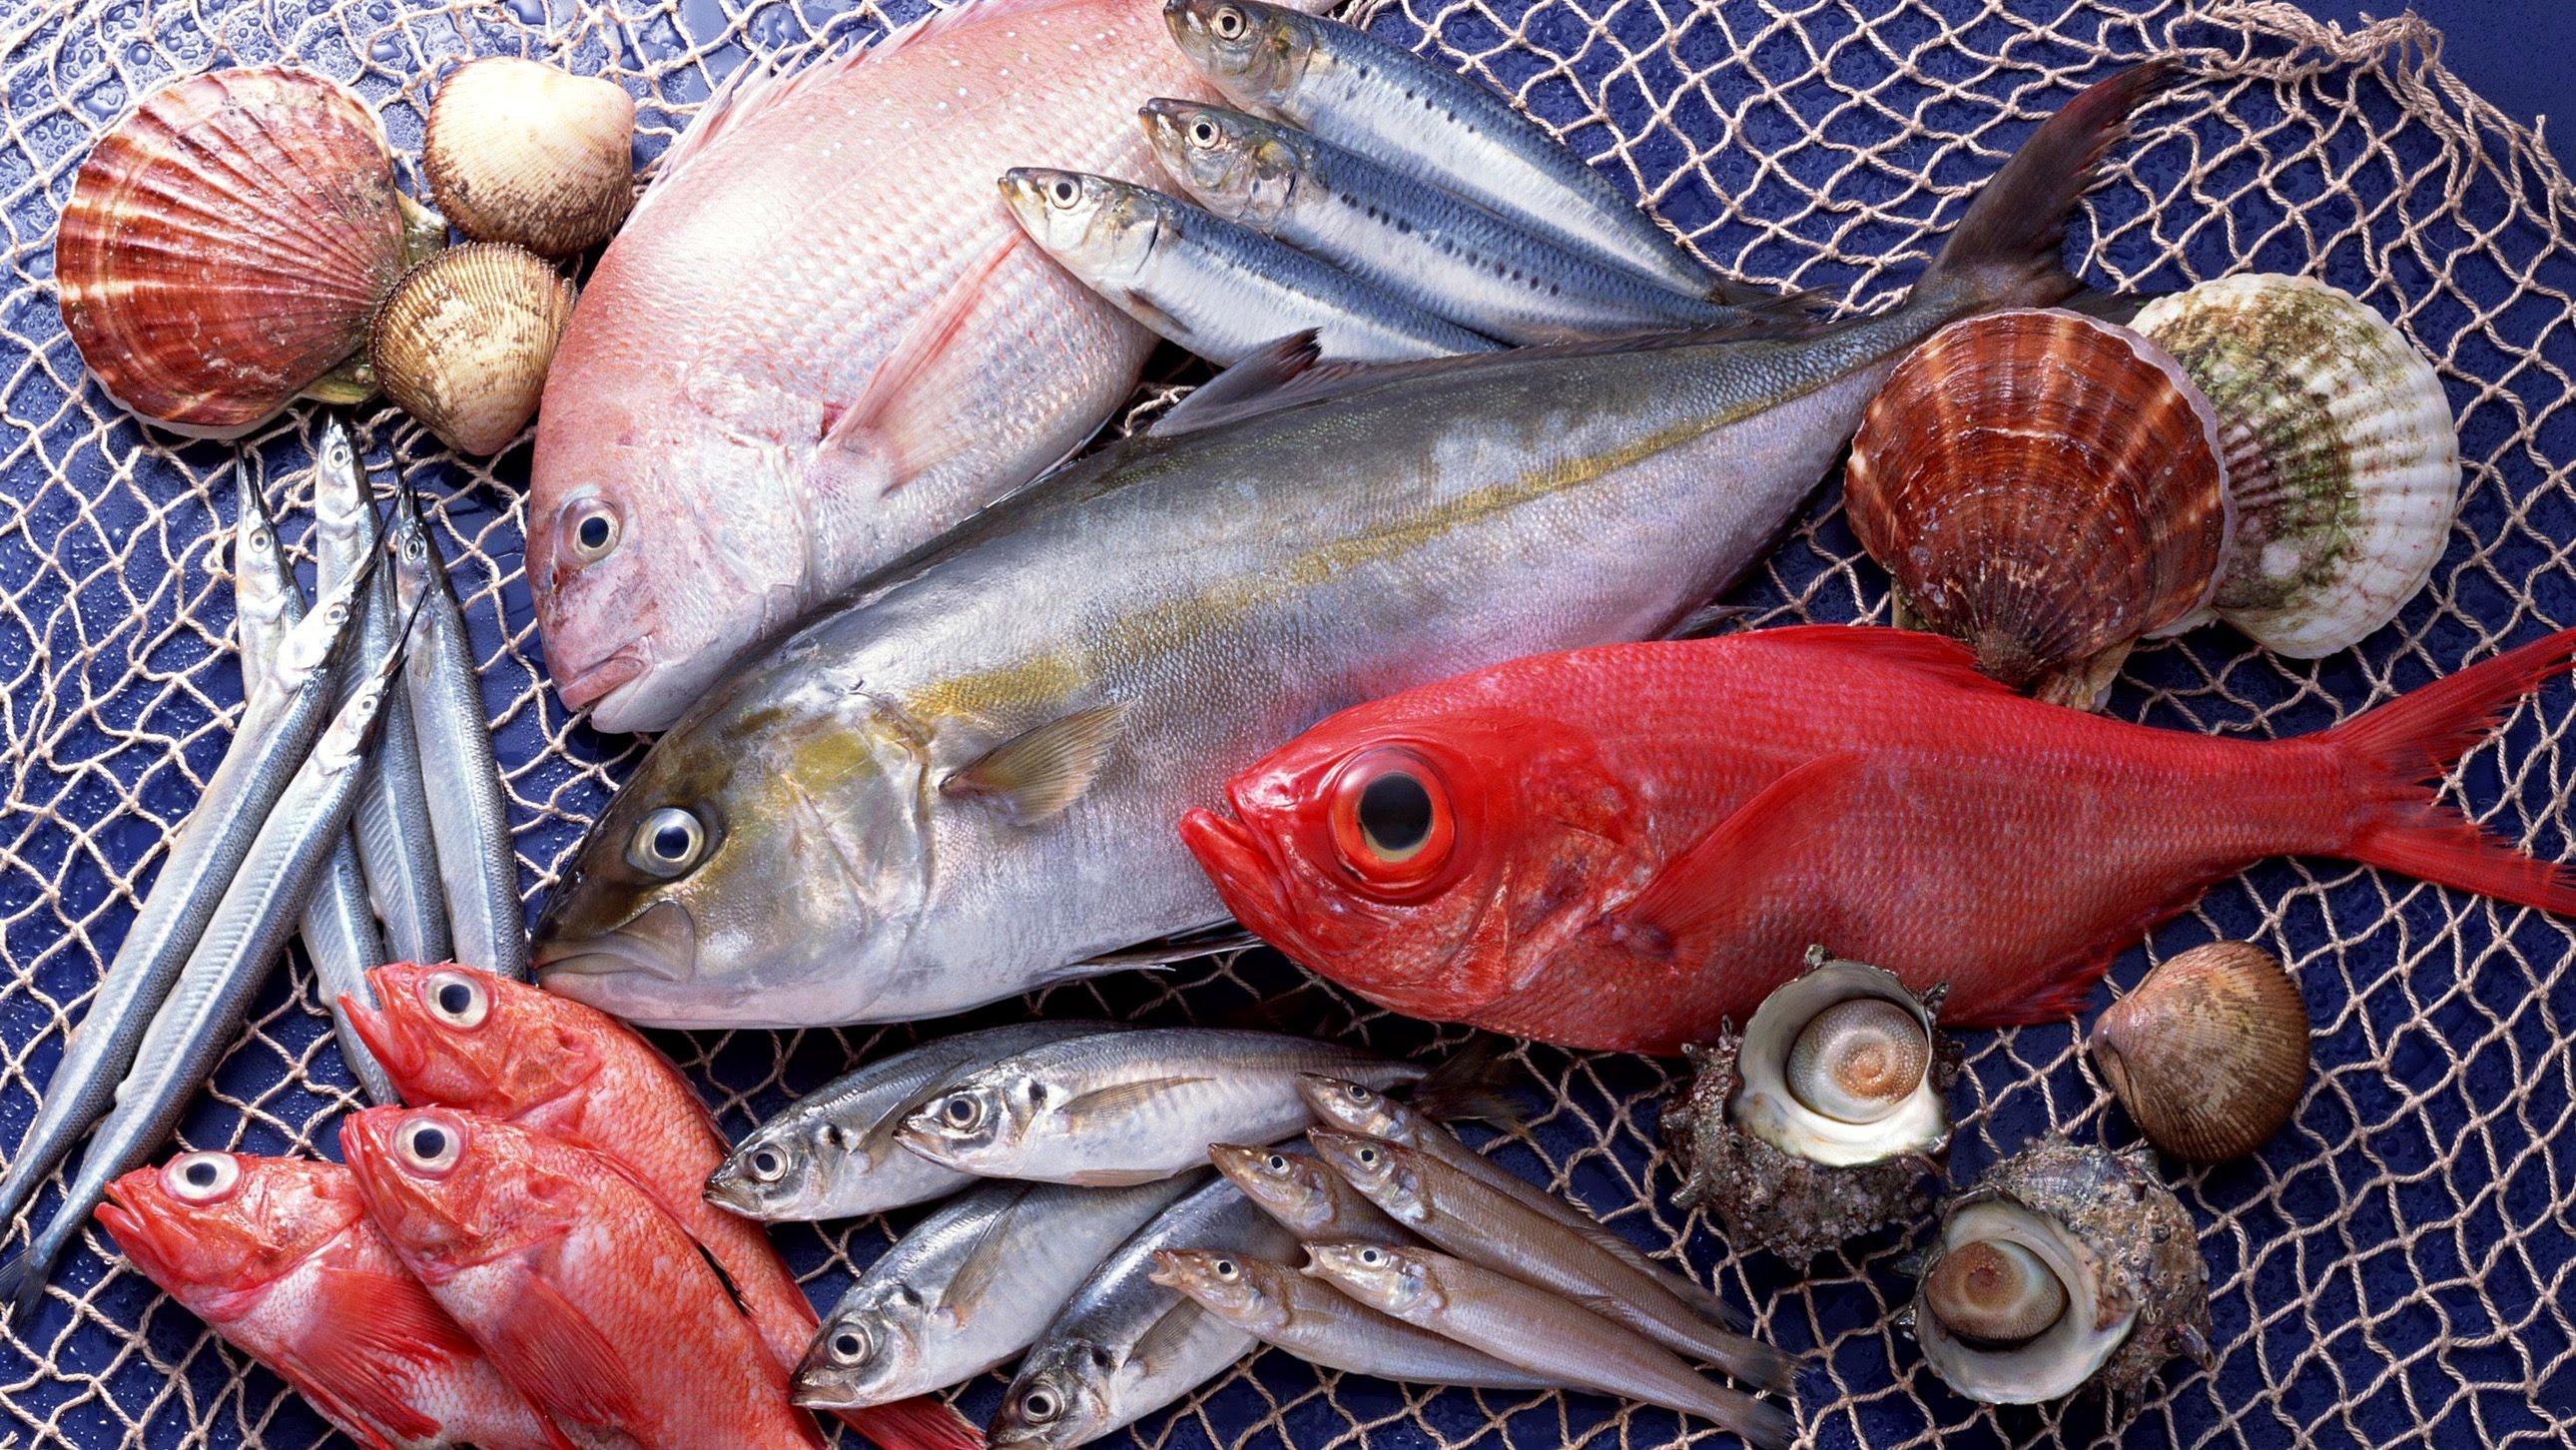 К чему снятся аквариумные рыбки: толкование значения сна по различным сонникам для мужчин и женщин рекомендации